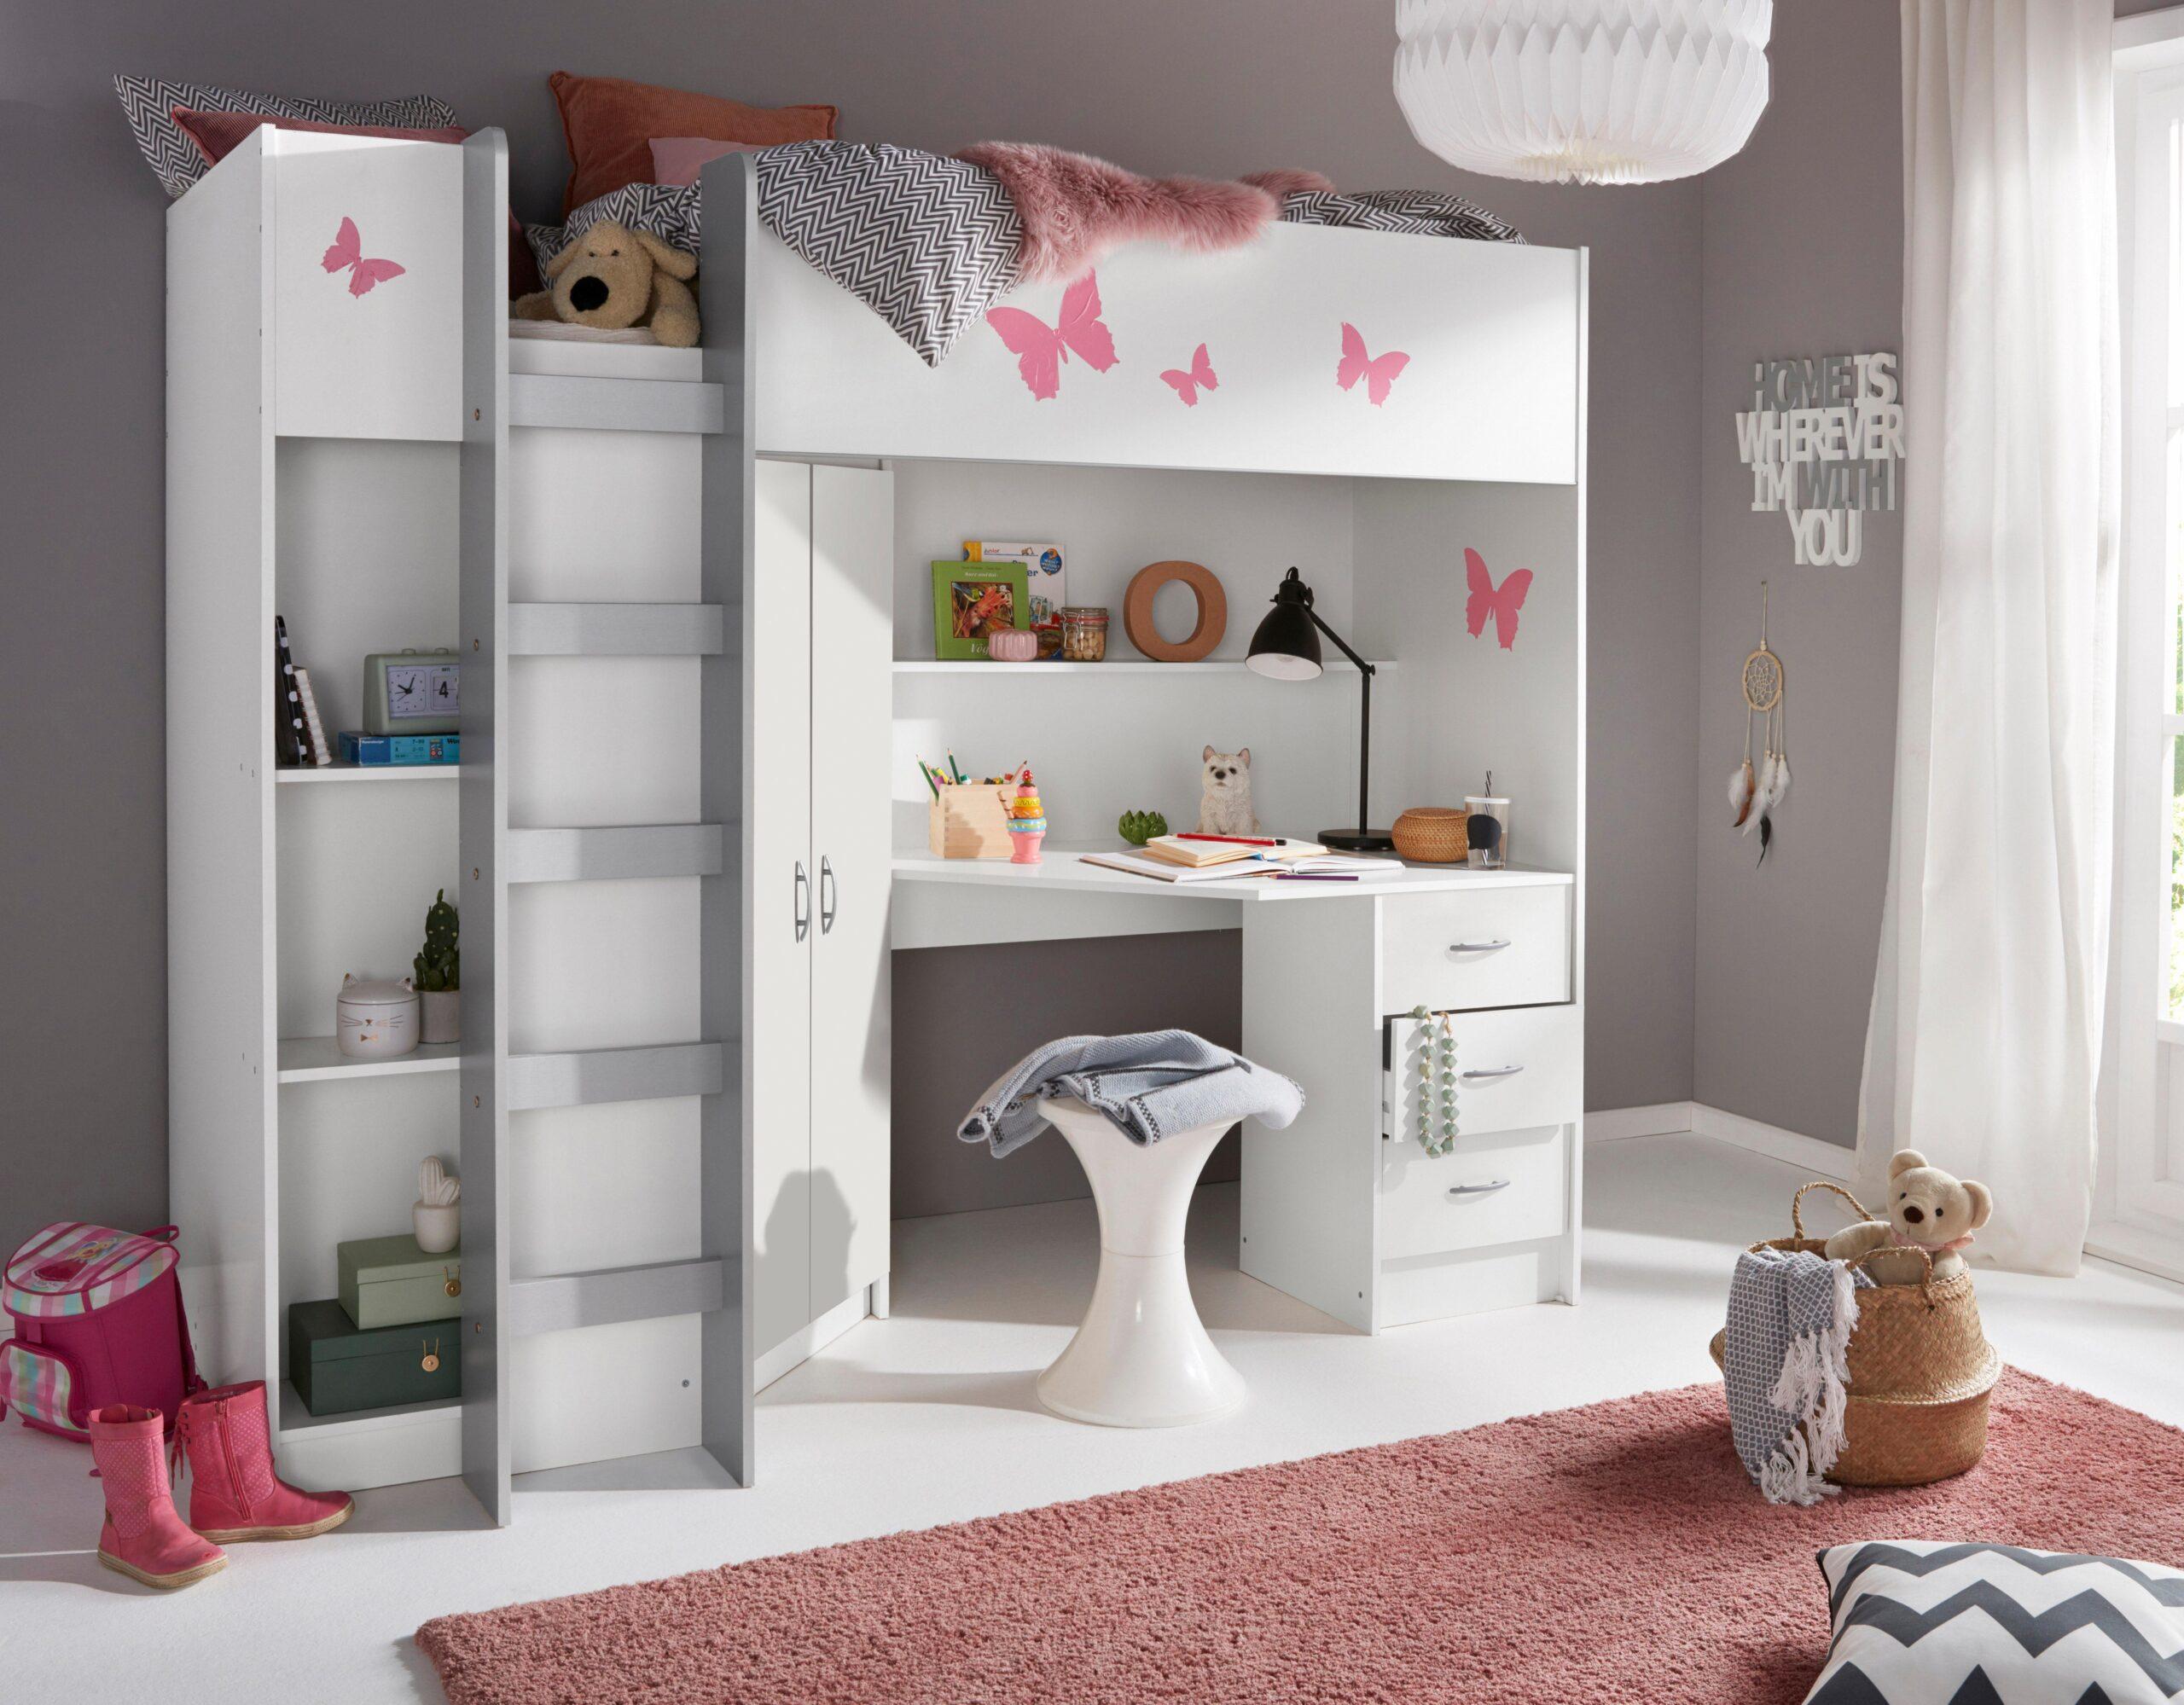 Full Size of Hochbett Suchmaschine Ladendirektde Regal Kinderzimmer Weiß Regale Sofa Kinderzimmer Kinderzimmer Hochbett